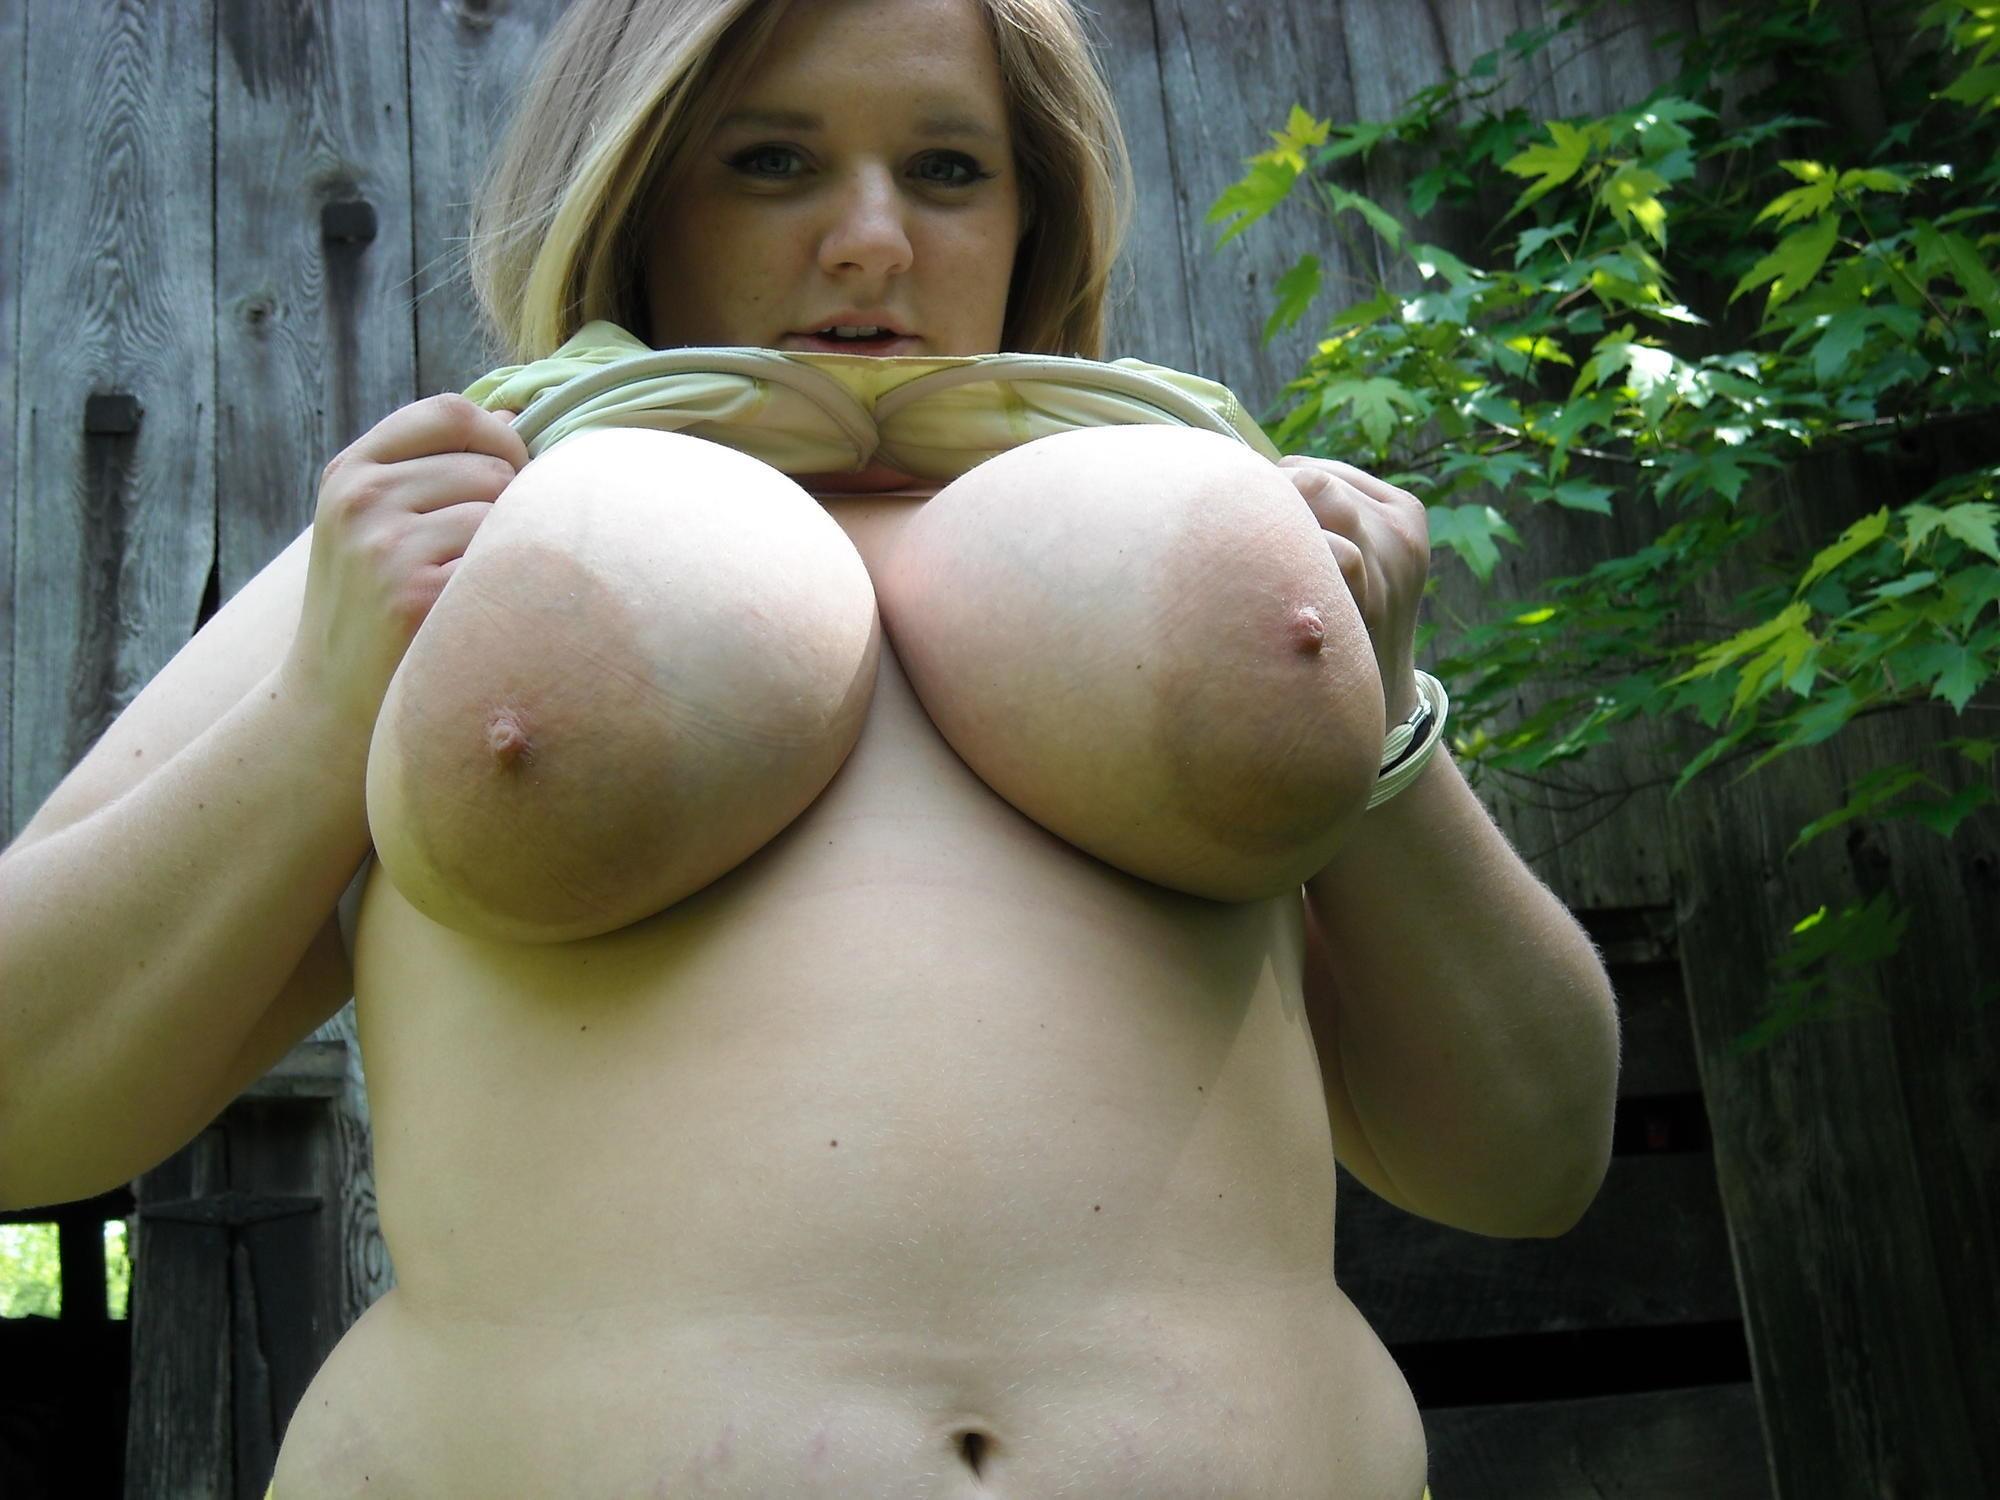 Толстые ноги и огромная грудь, Большие Сиськи: Толстушки - Бесплатные порно фильмы 8 фотография